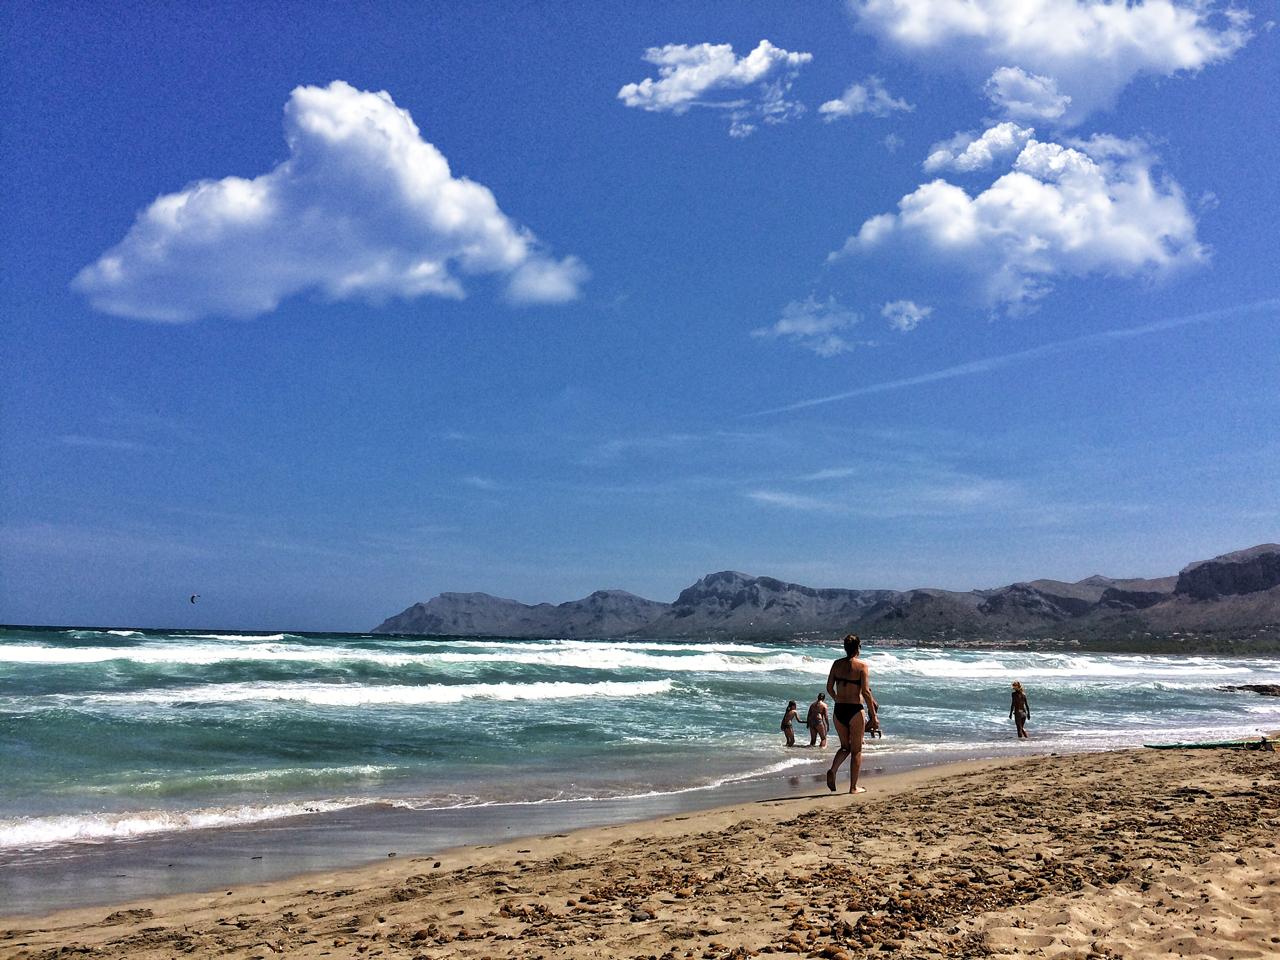 Der Strand von Santa Margalida auf Mallorca.